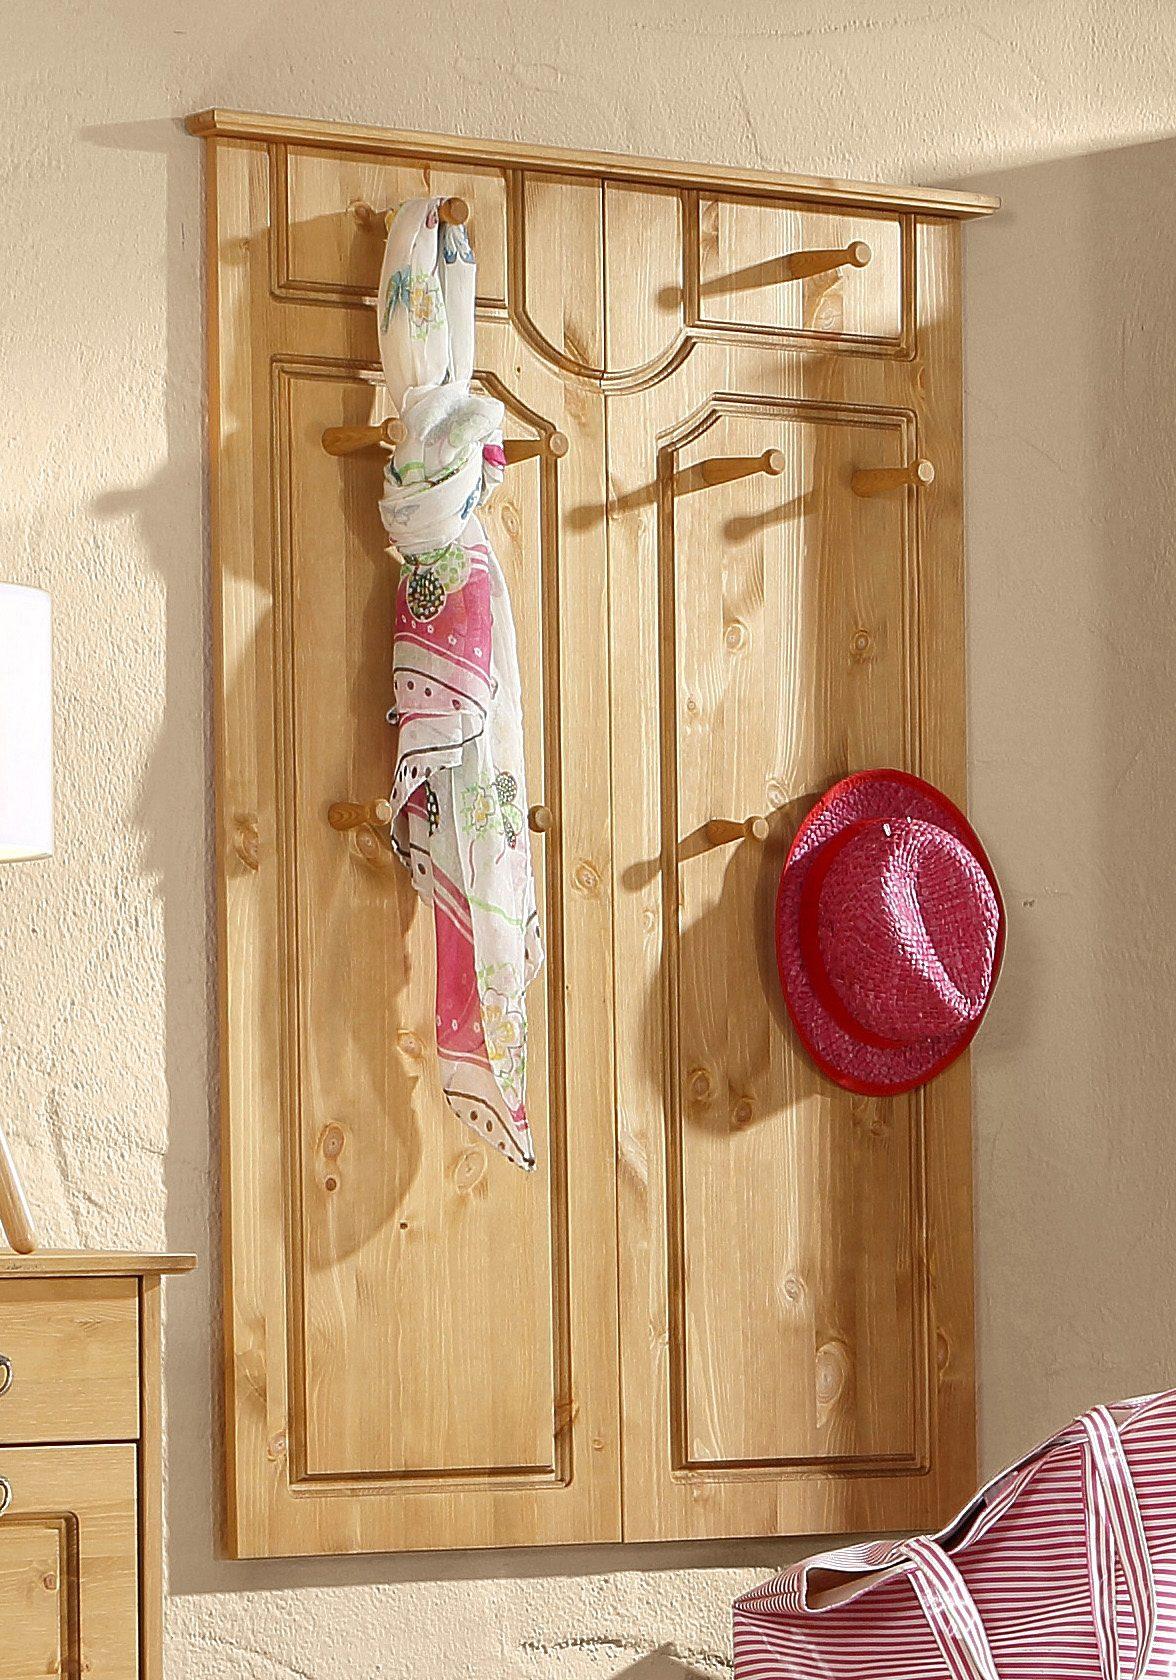 Kompaktgarderobe Garderobe Paneel 2 Schubladen Spiegel Kiefer gebeizt geölt